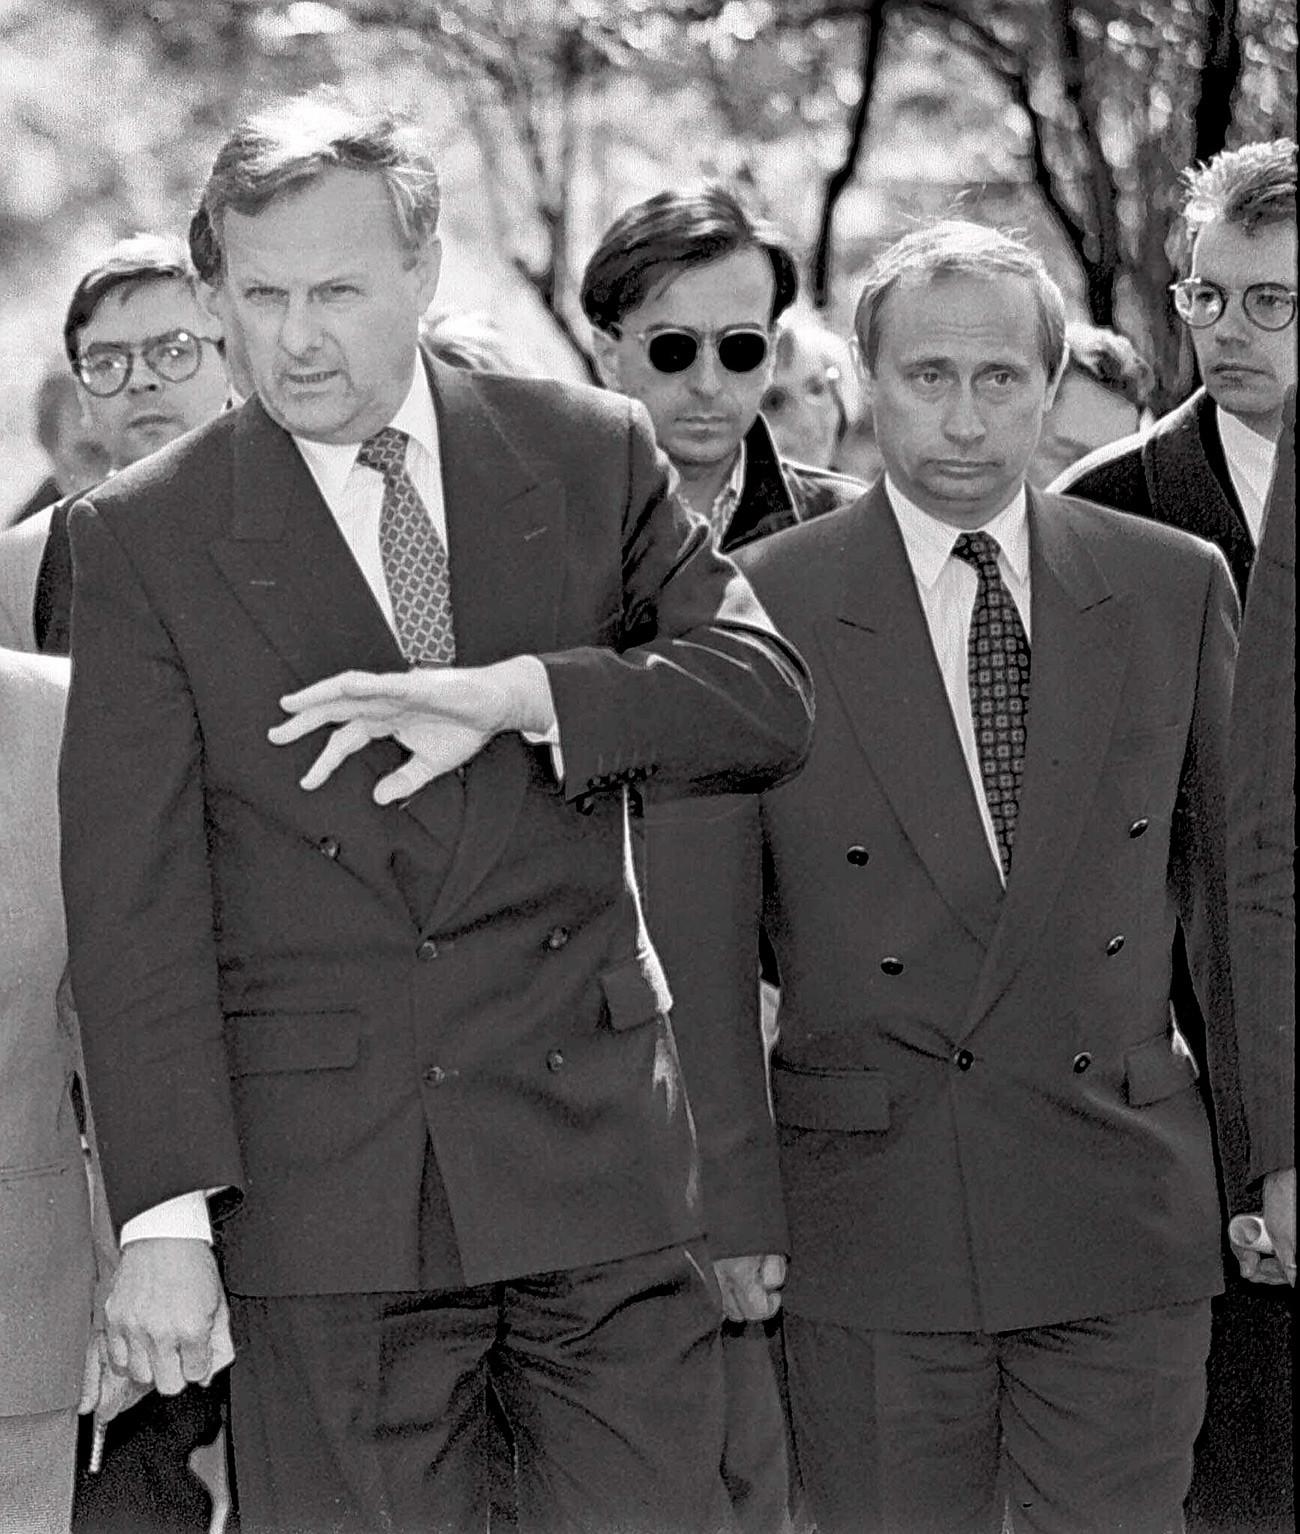 Anatoly Sobchak, sindaco di San Pietroburgo (a sinistra) con Vladimir Putin, vice sindaco di San Pietroburgo, 1994